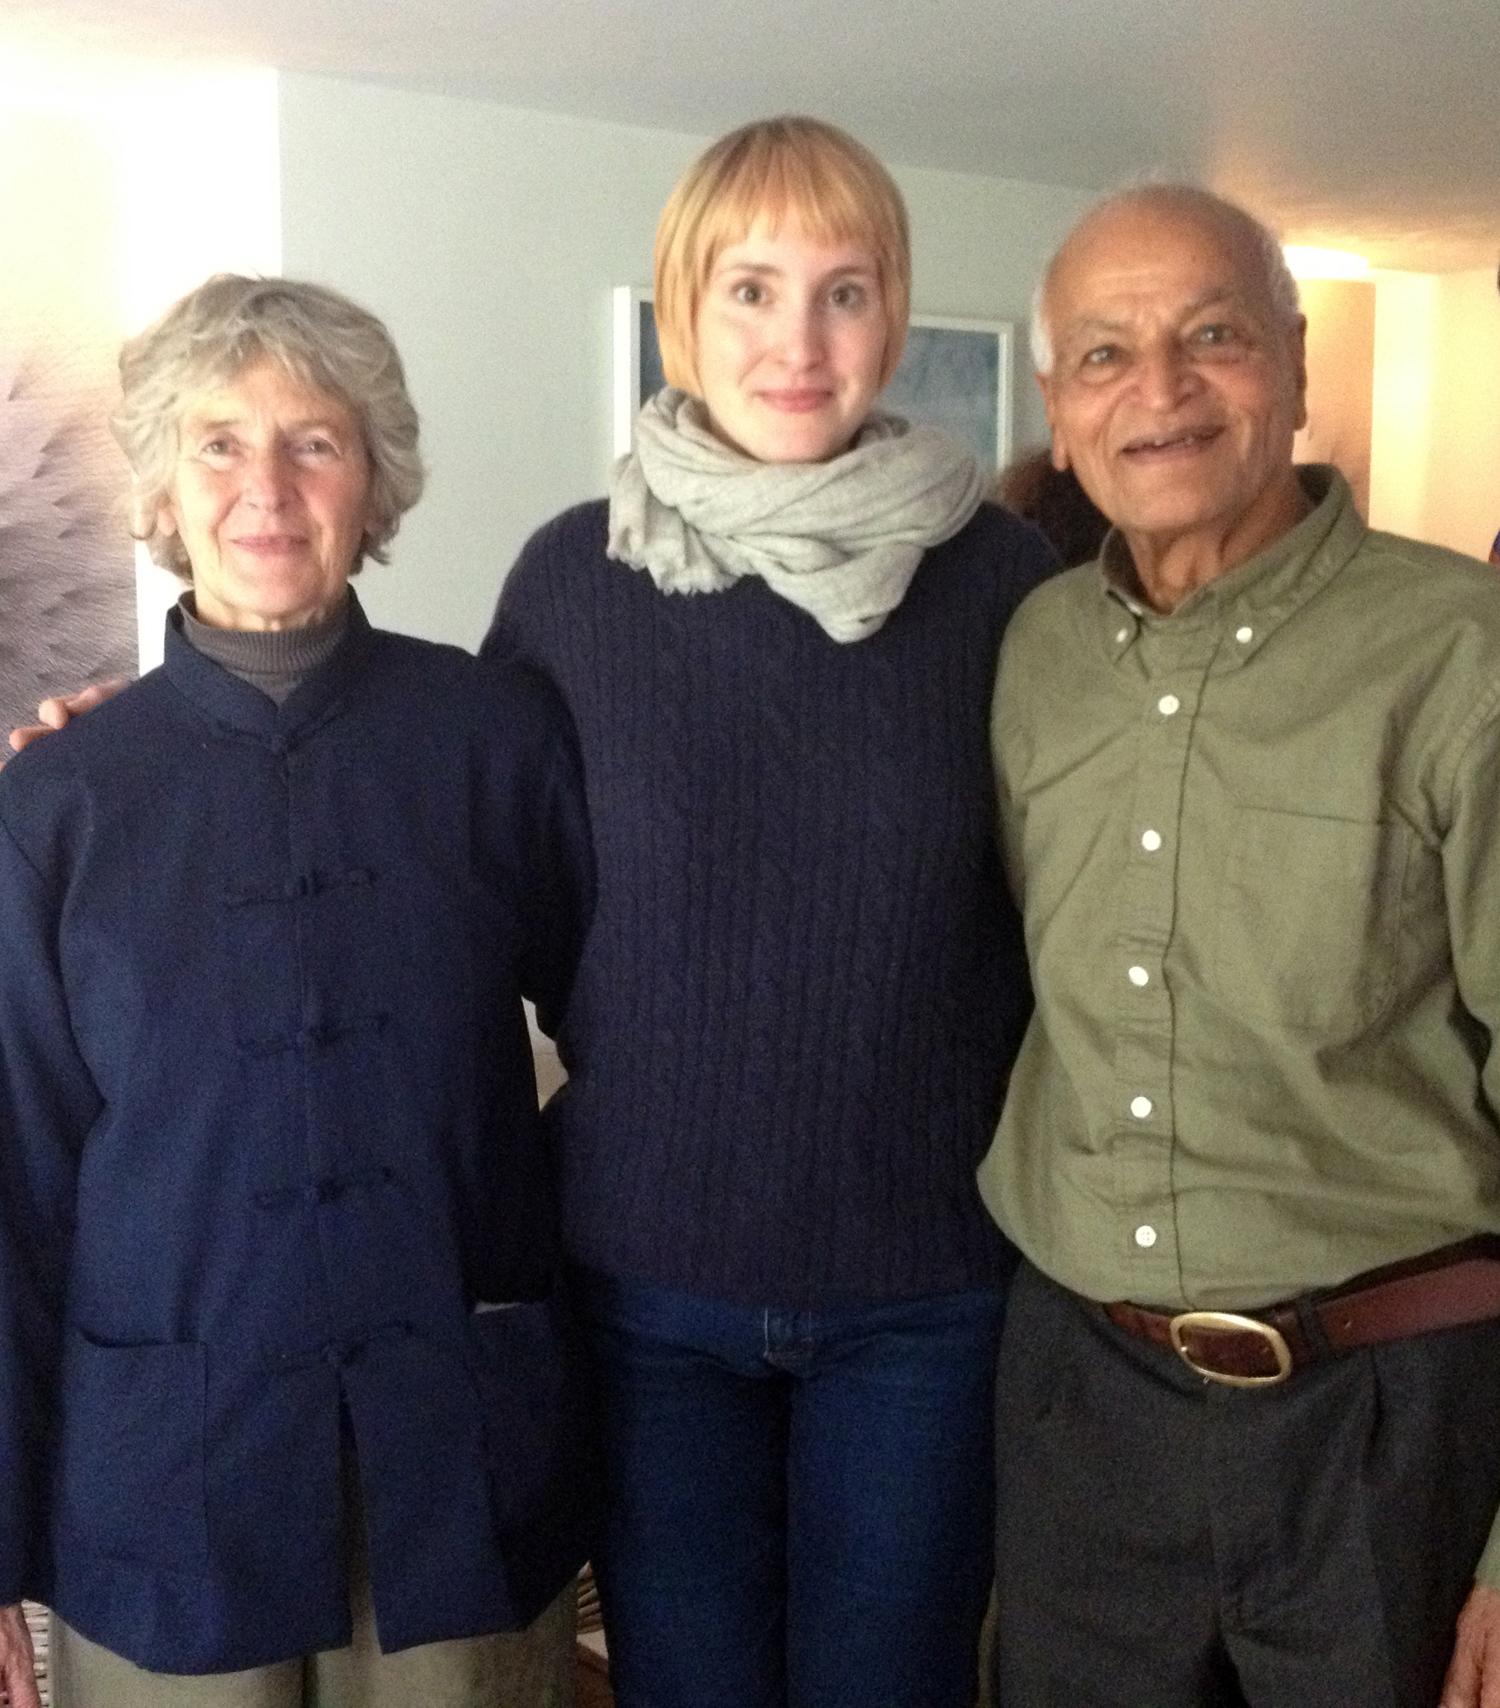 Satish, June and myself